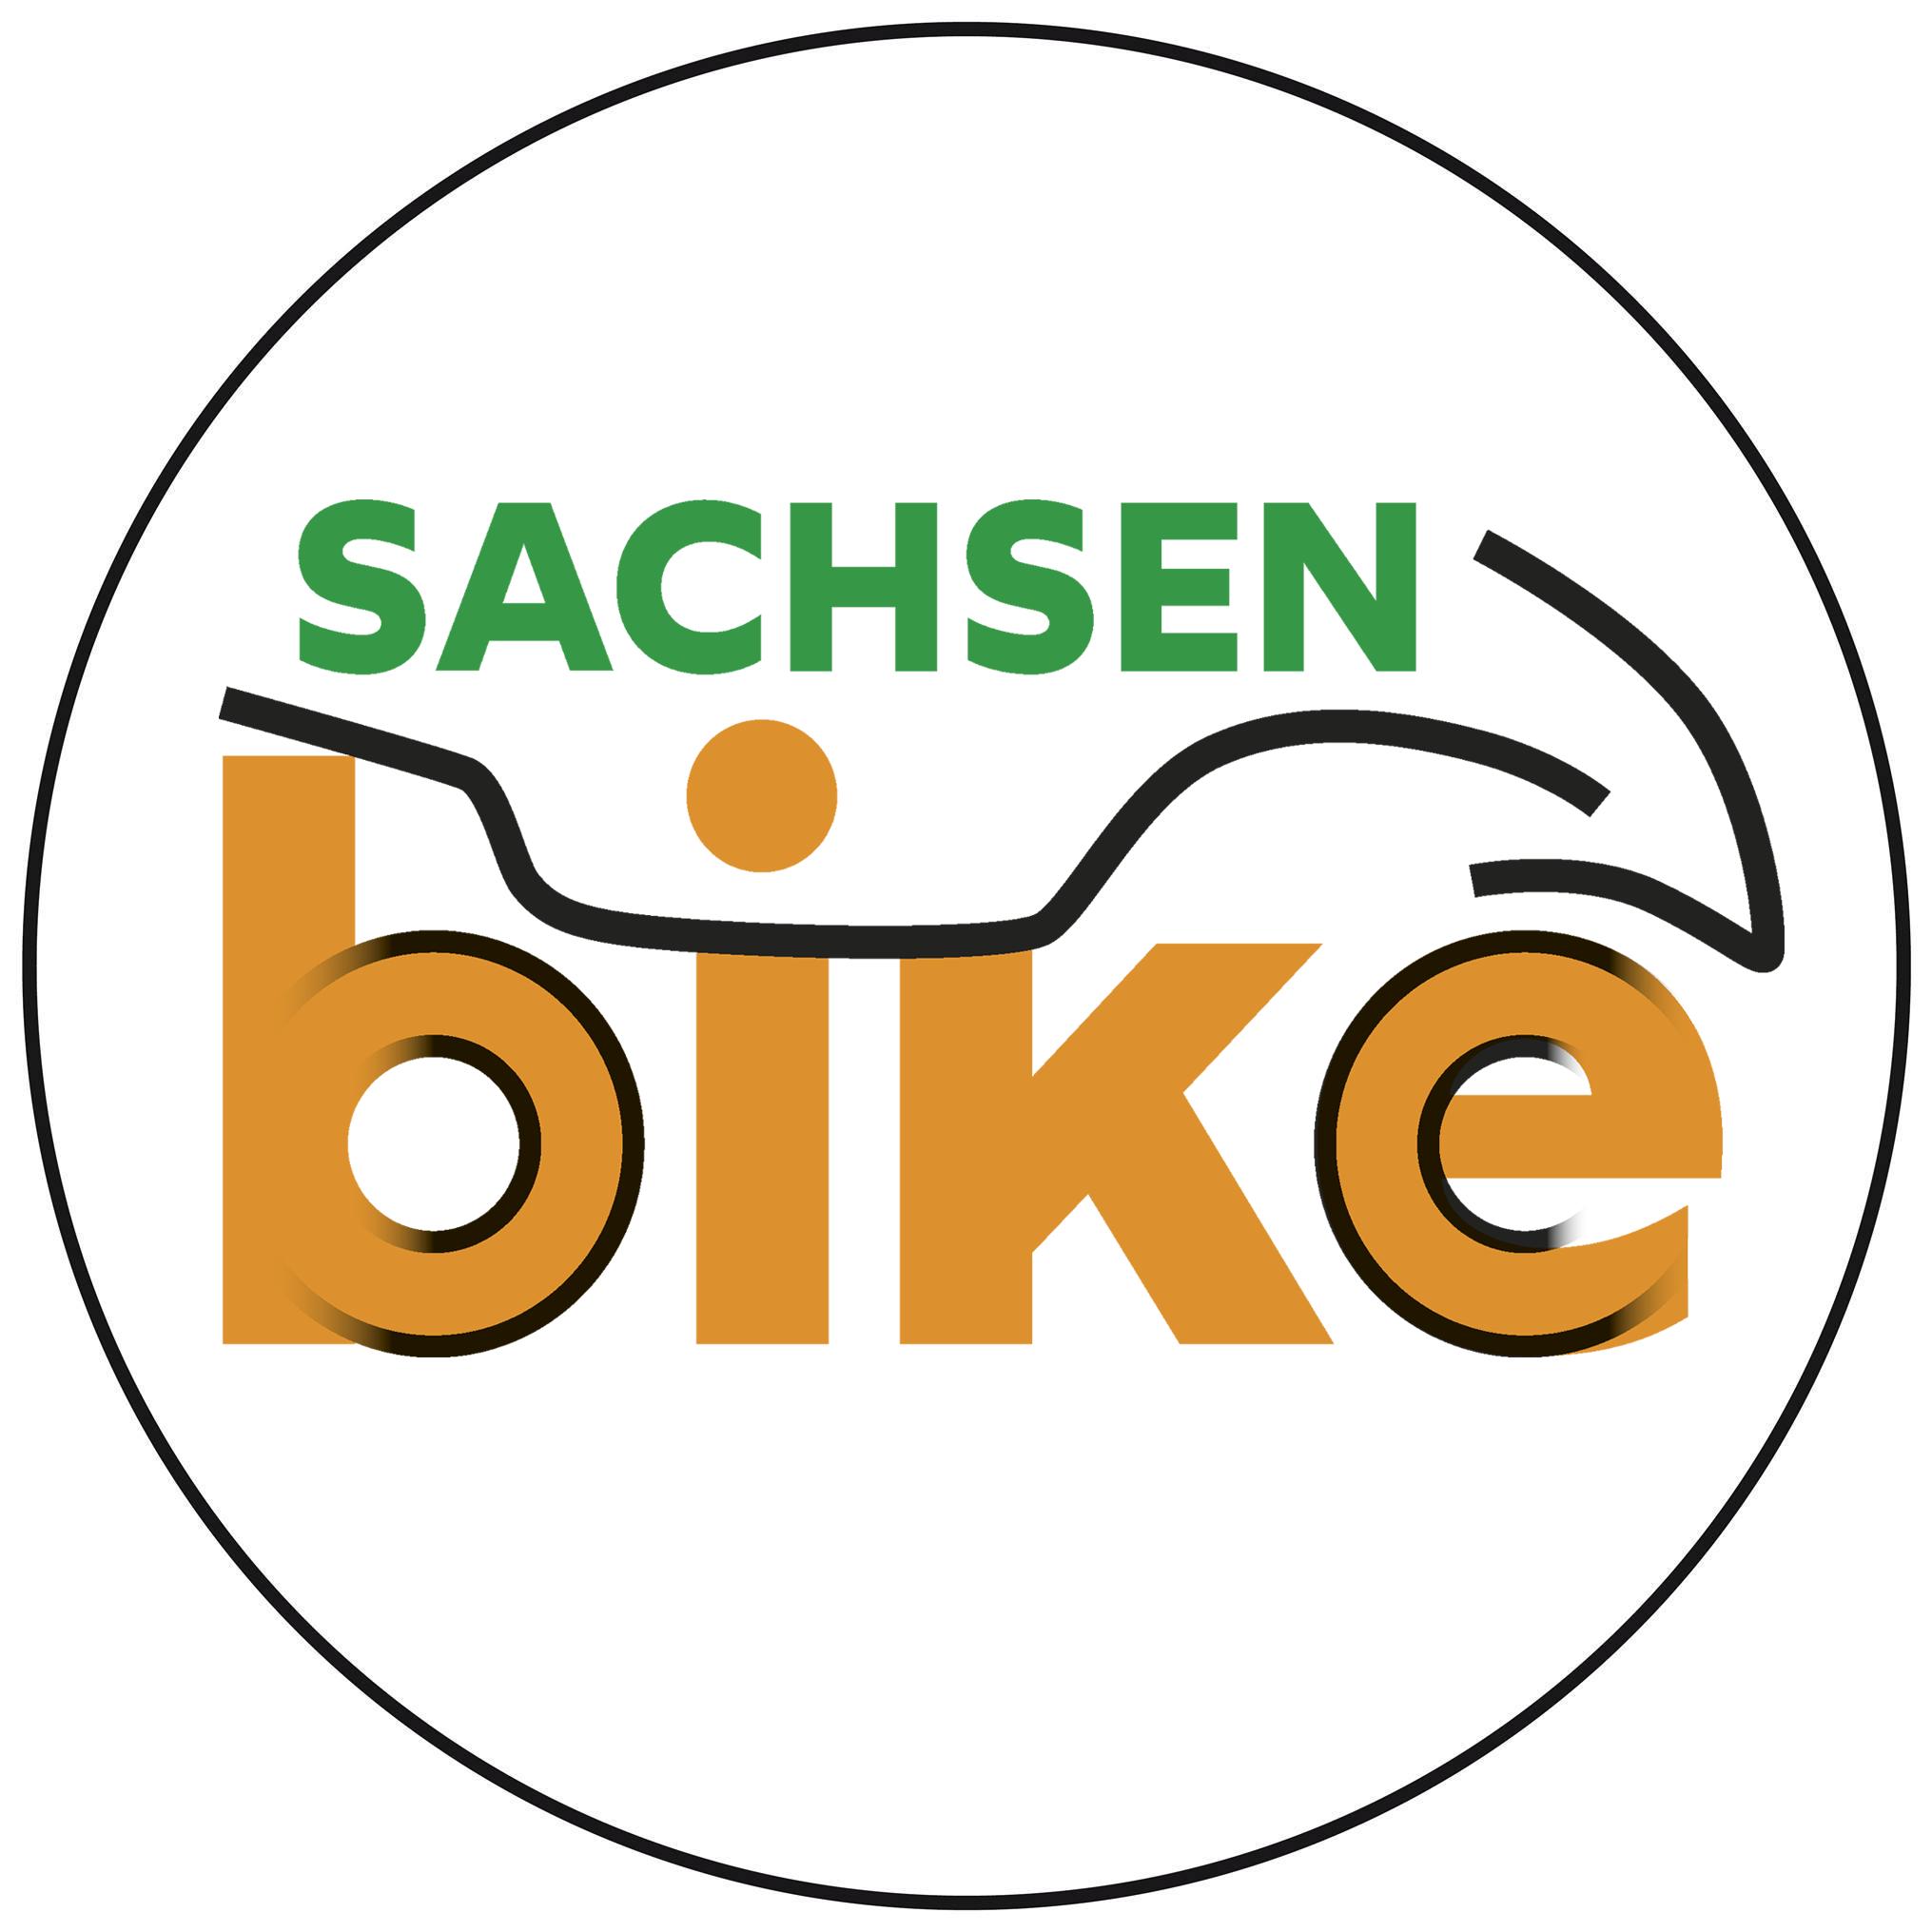 Sachsenbike